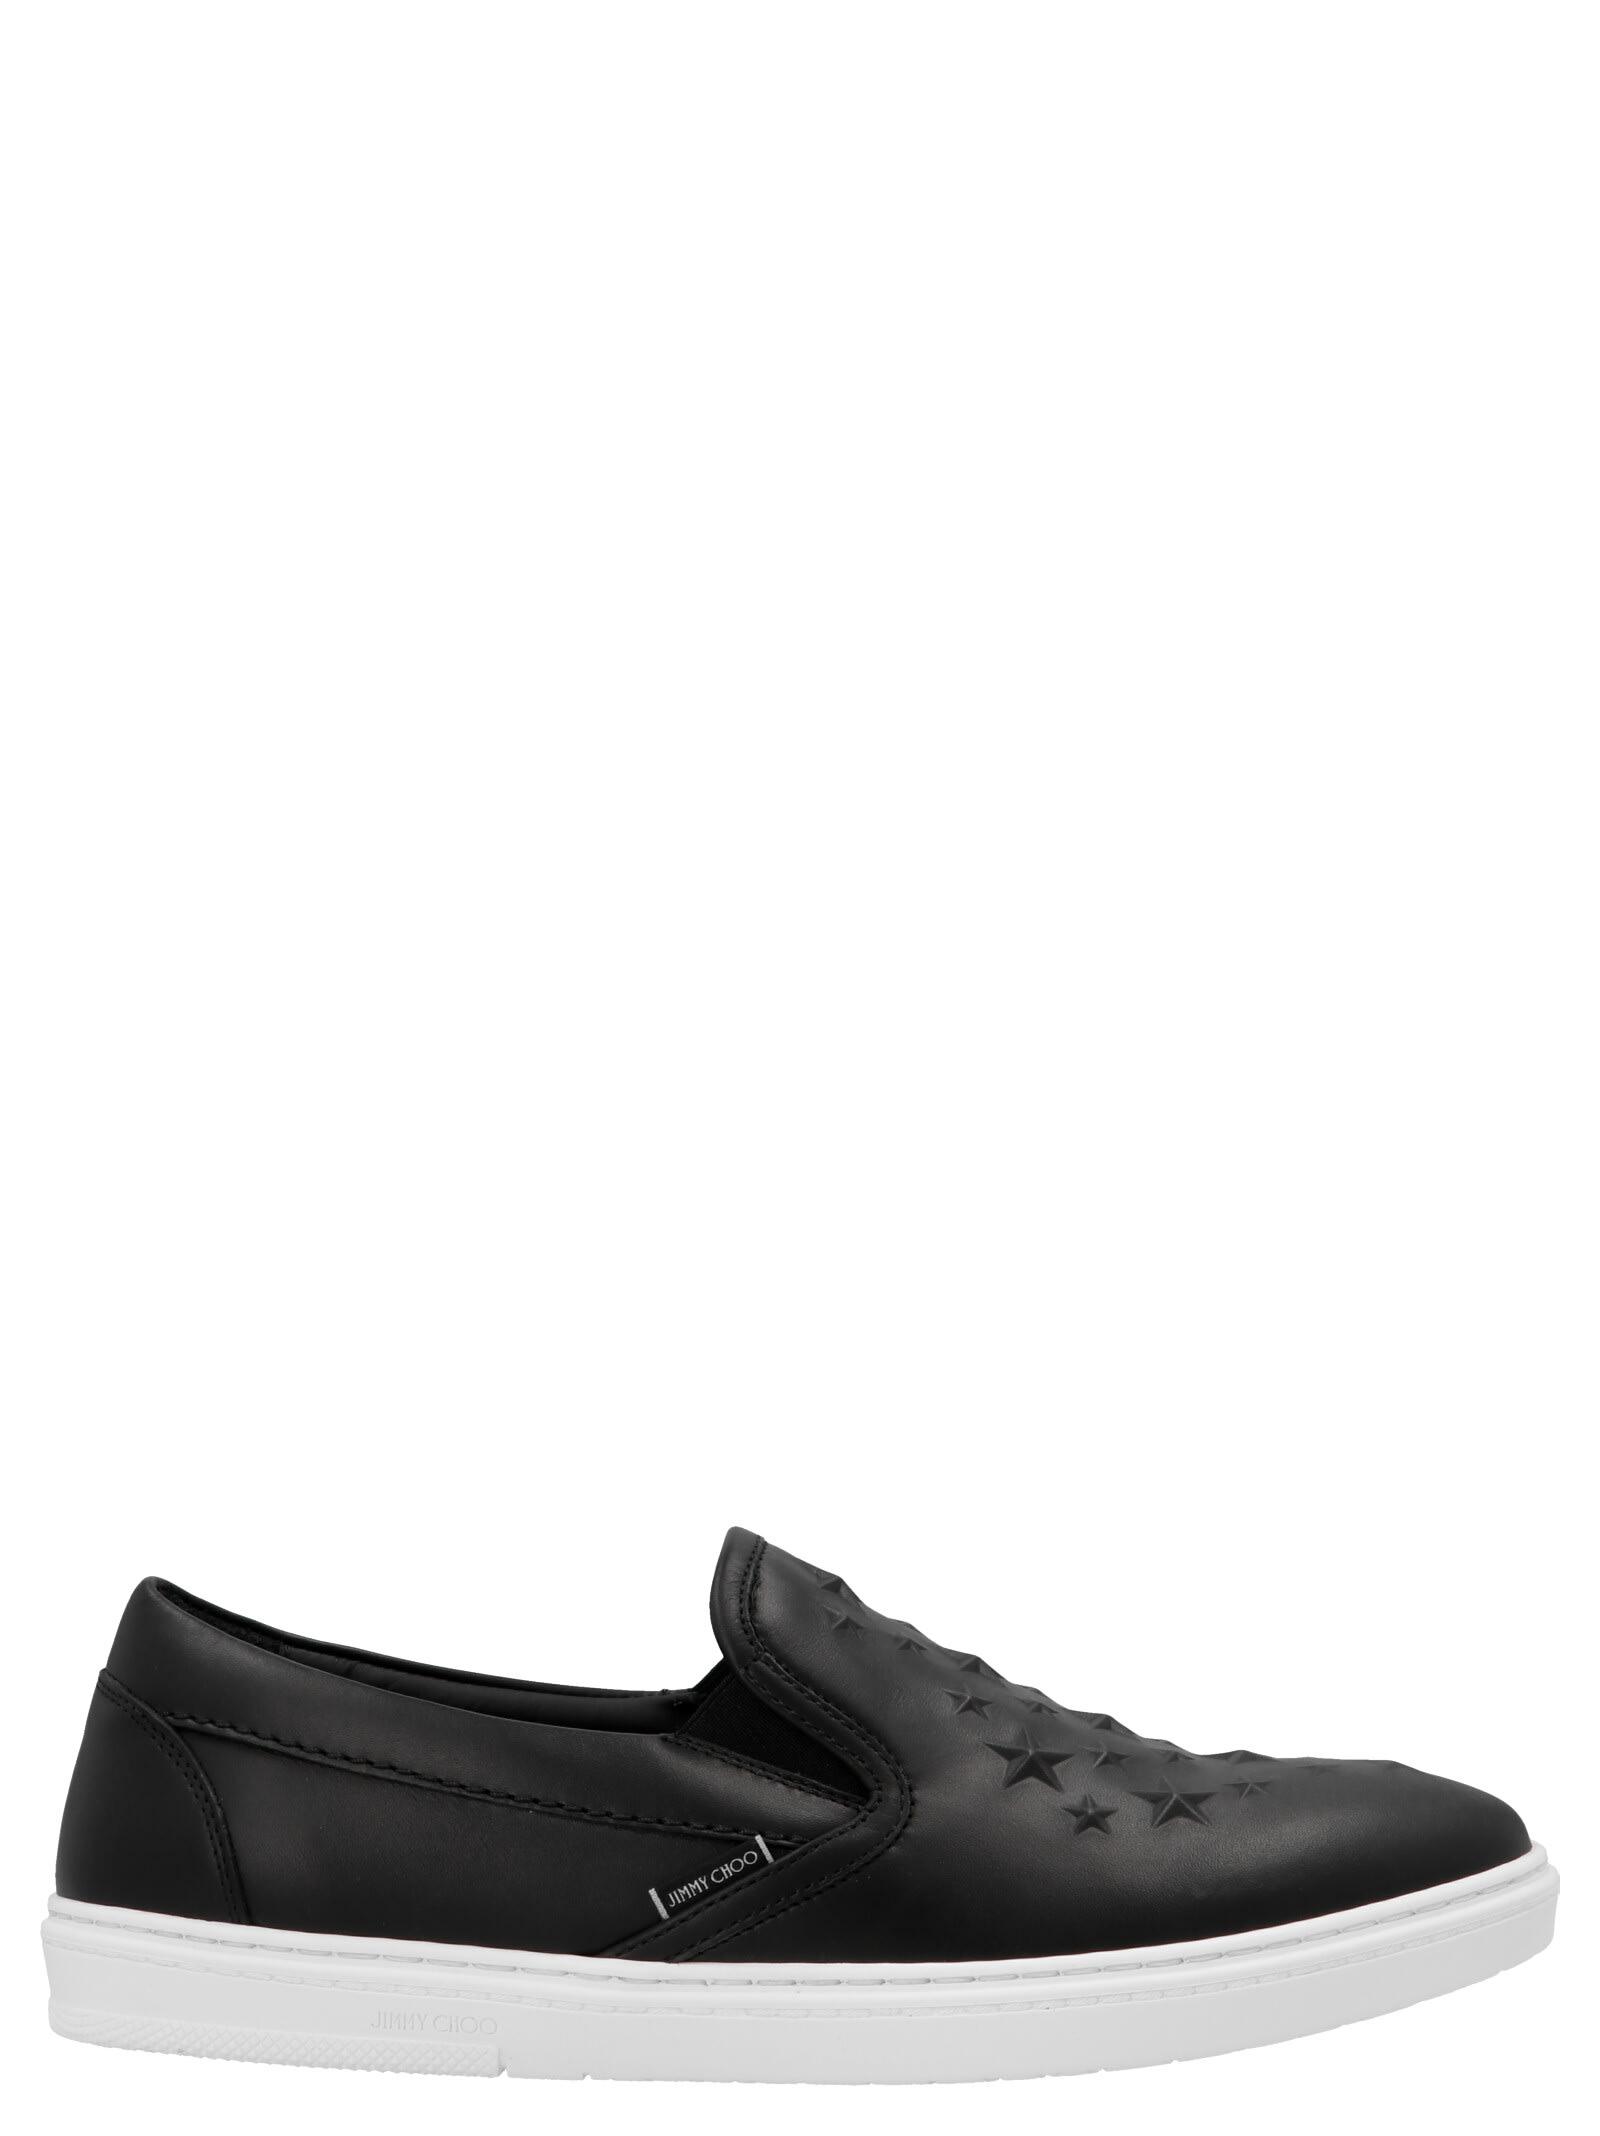 Jimmy Choo grove Shoes